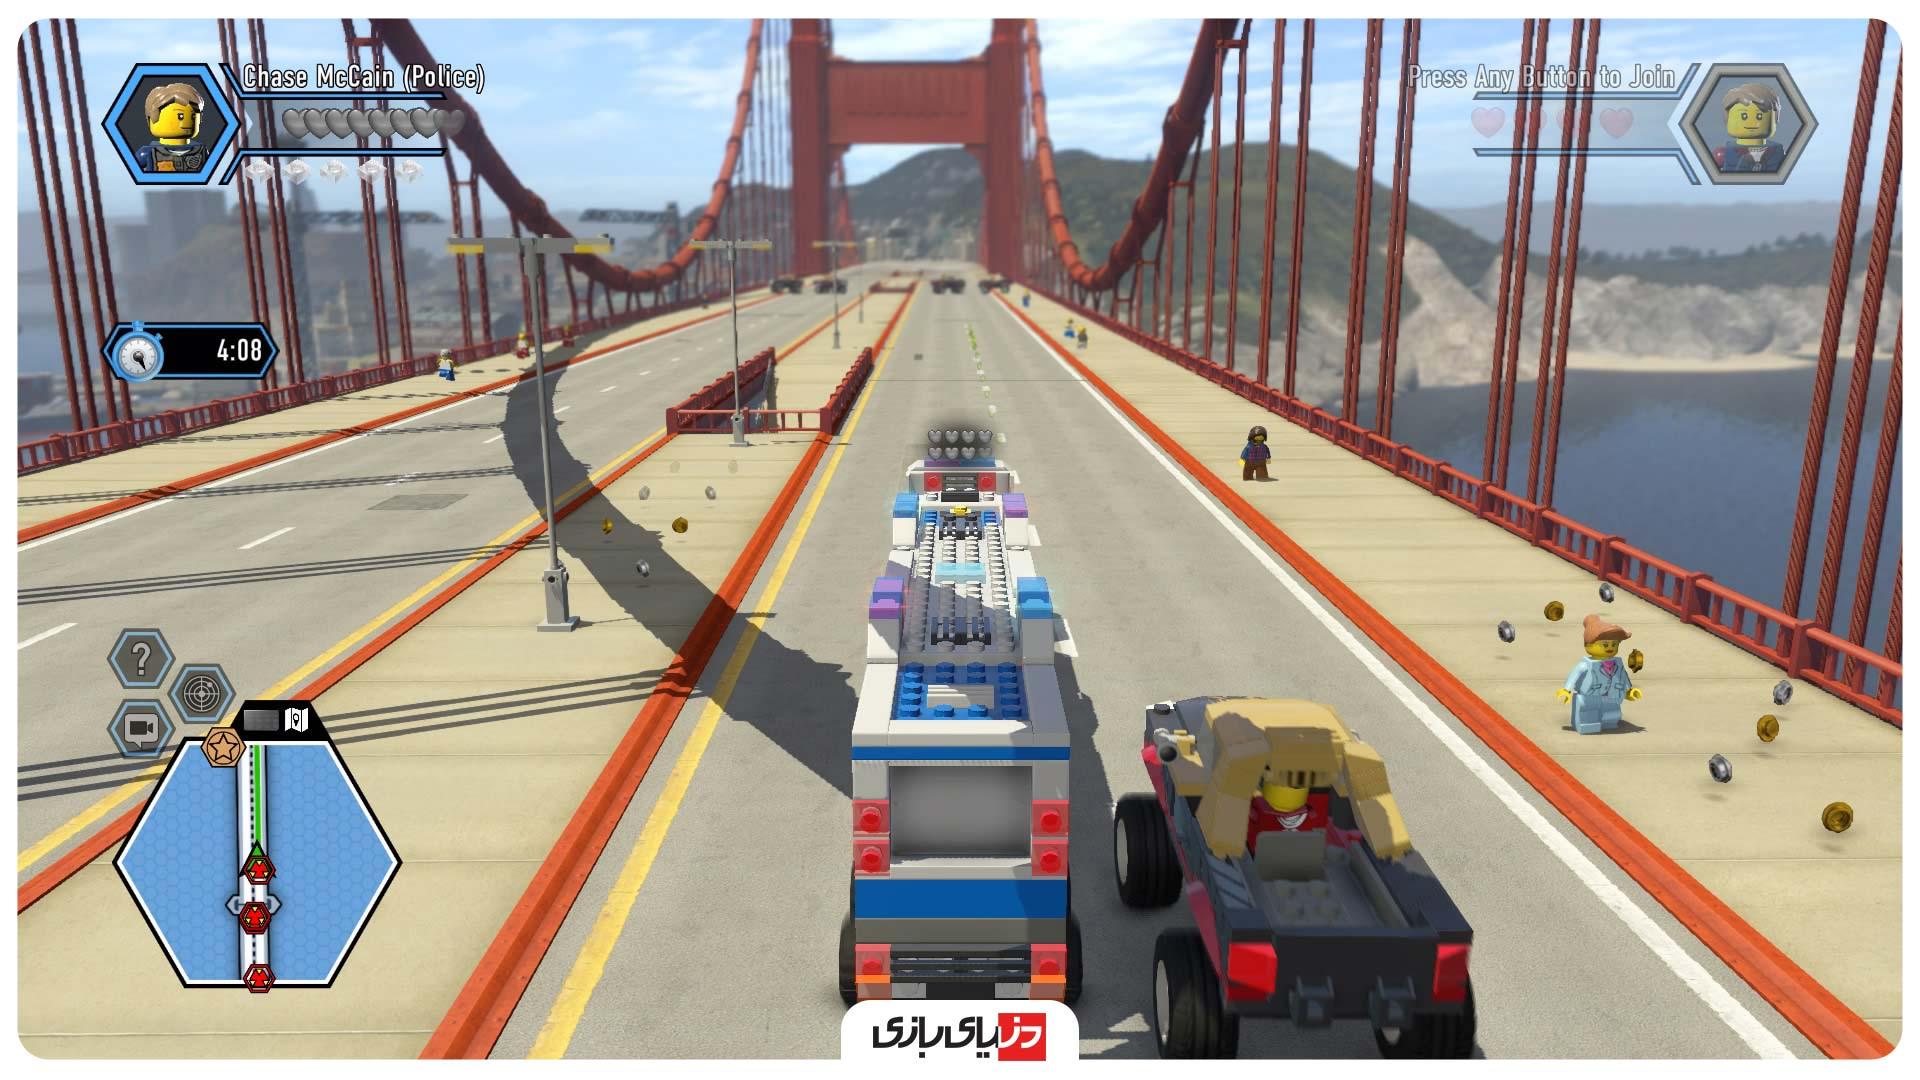 بازی های مثل GTA - بازی Lego City Undercover